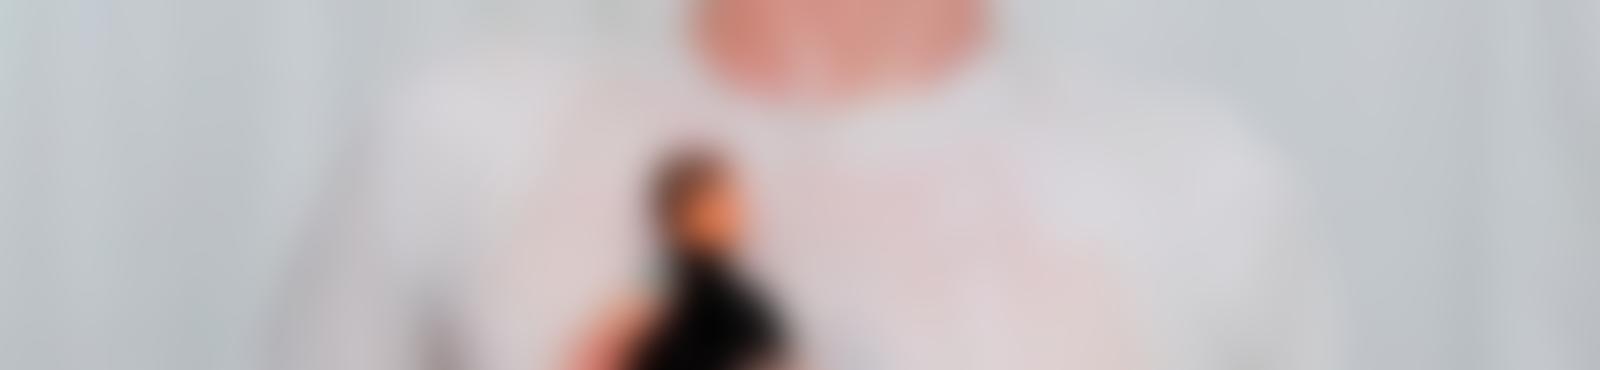 Blurred e028e751 052a 4b42 a447 3c4e179413e0